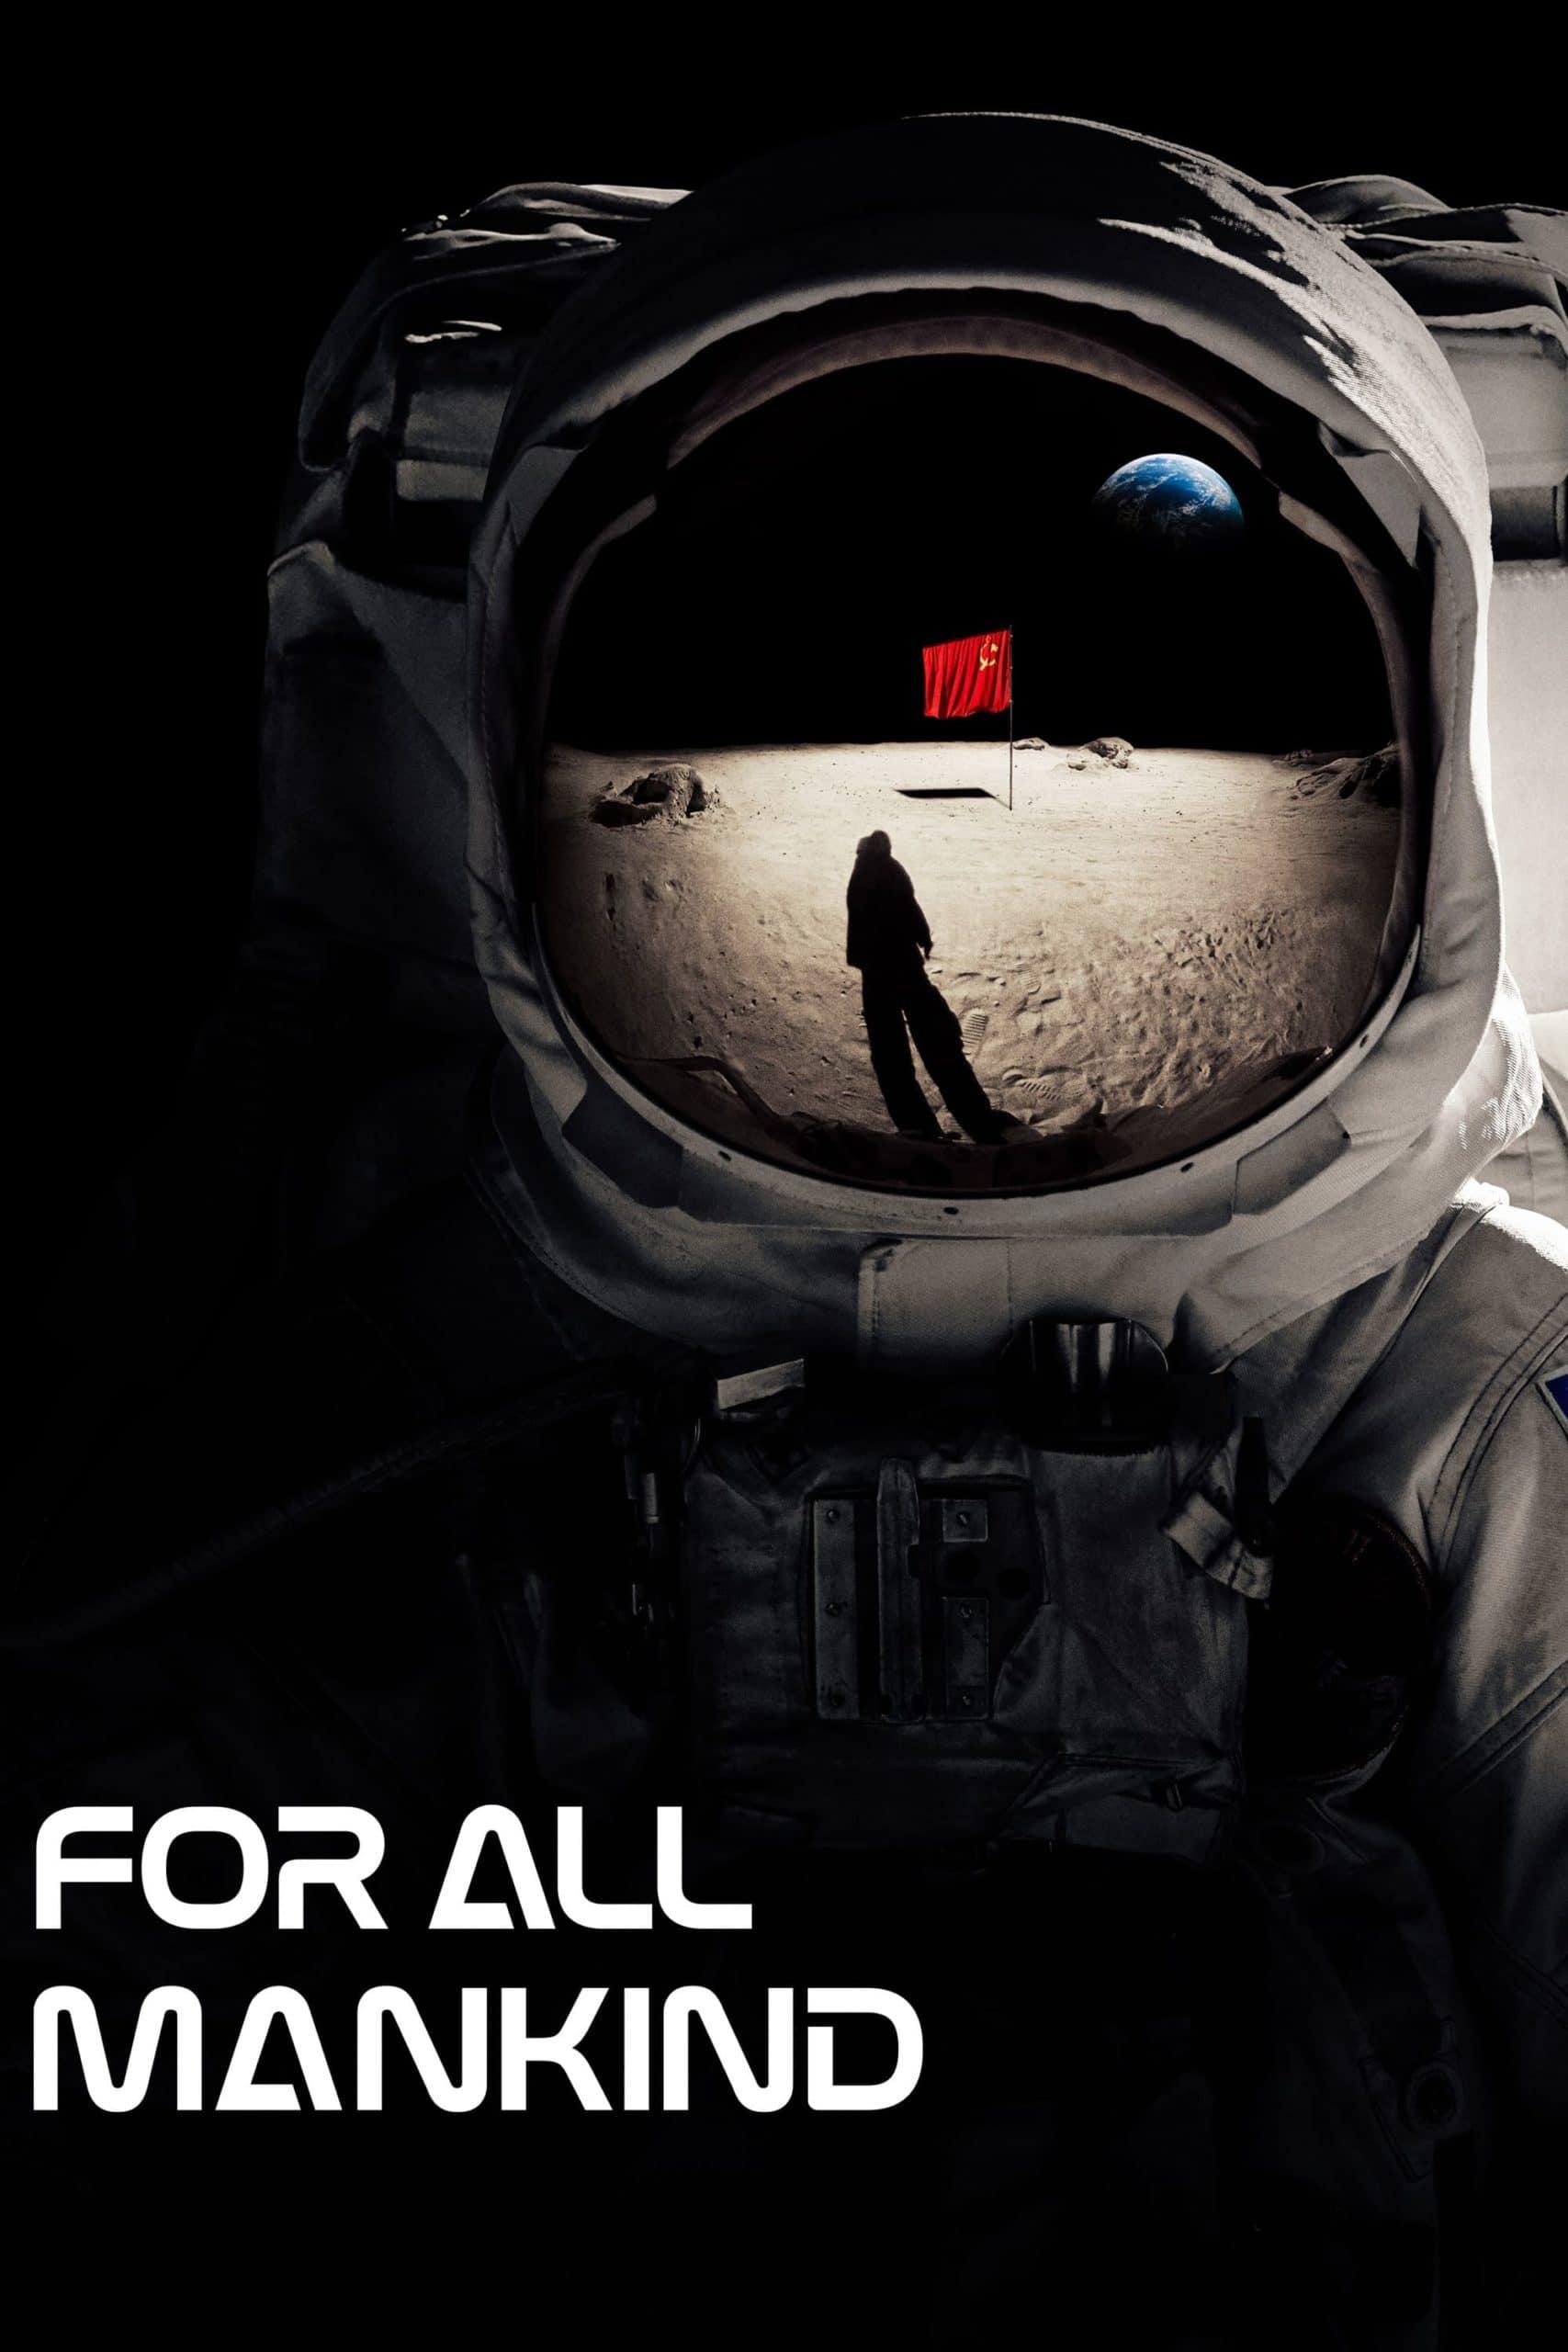 למען כל האנושות סדרת טלוויזיה